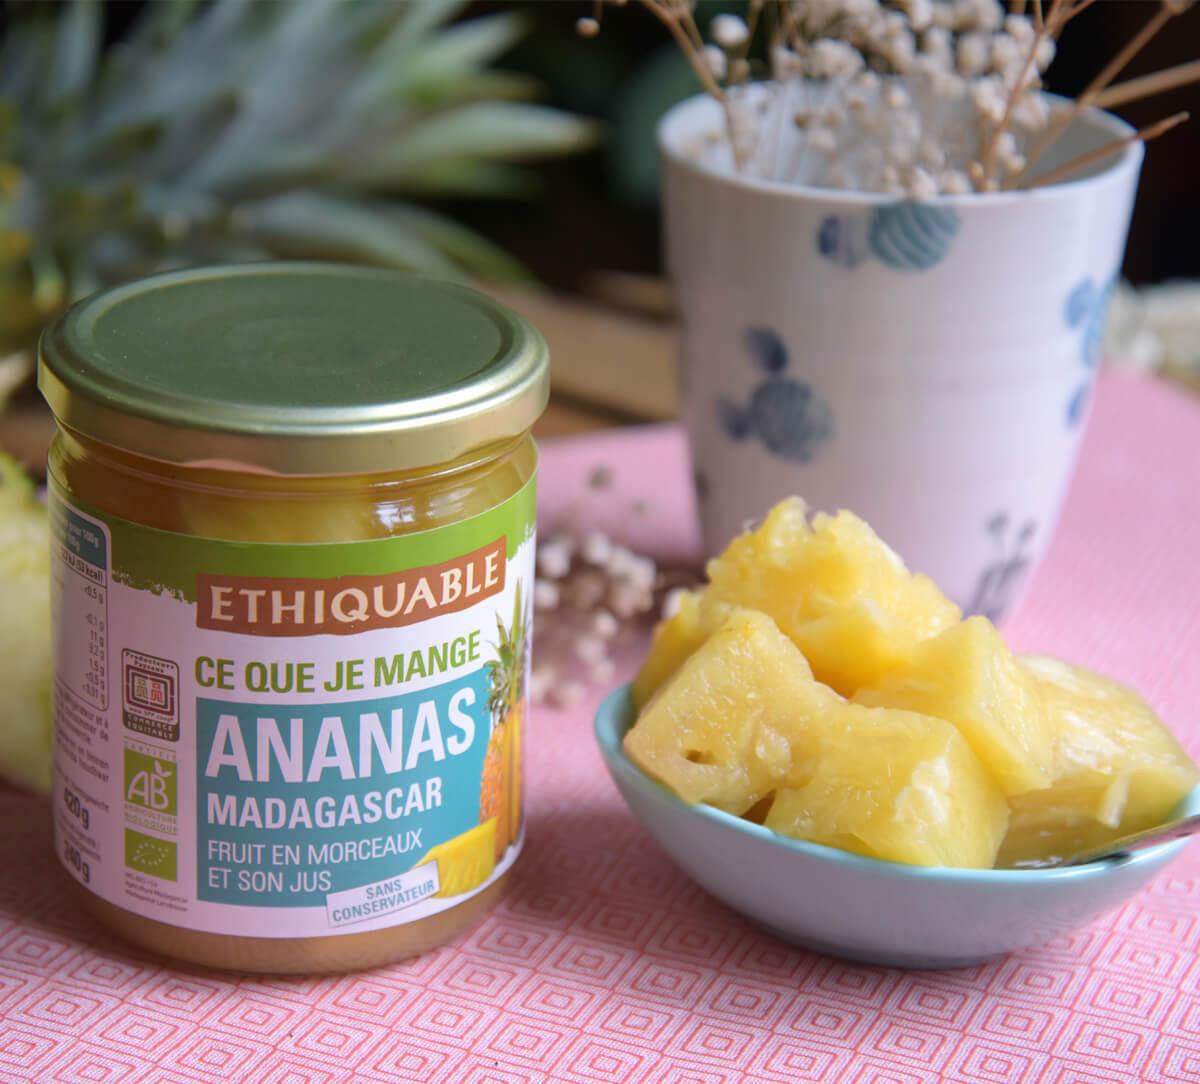 Ethiquable I Ananas entier bio de Madagascar et son jus issu du Commerce Equitable, en bocal